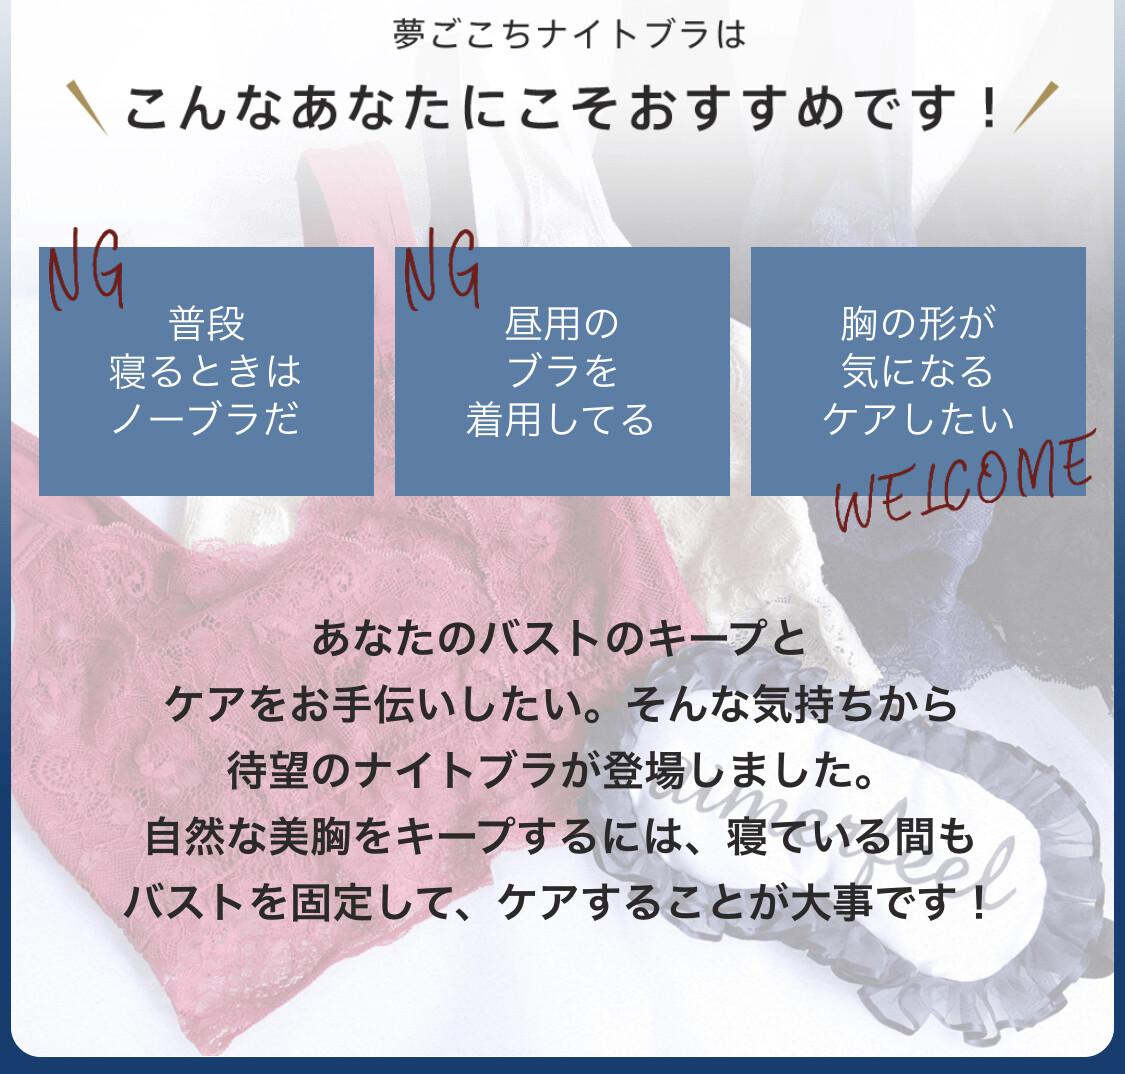 ♡ナイトブラ新発売♡